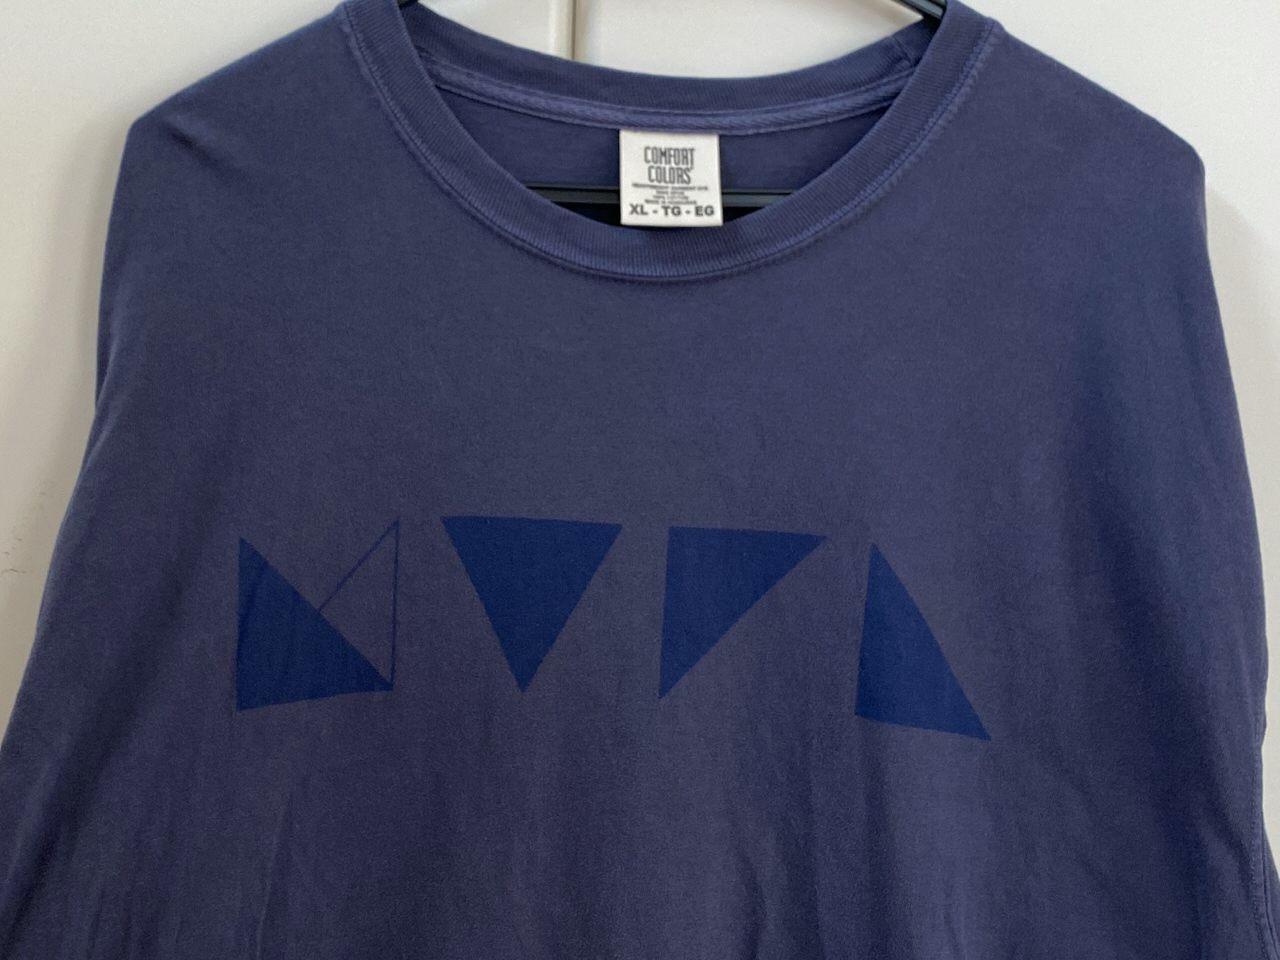 【ネタフル公式グッズ】「謎記号Tシャツ」発売開始!1,000円オフセール実施中(8/11まで)